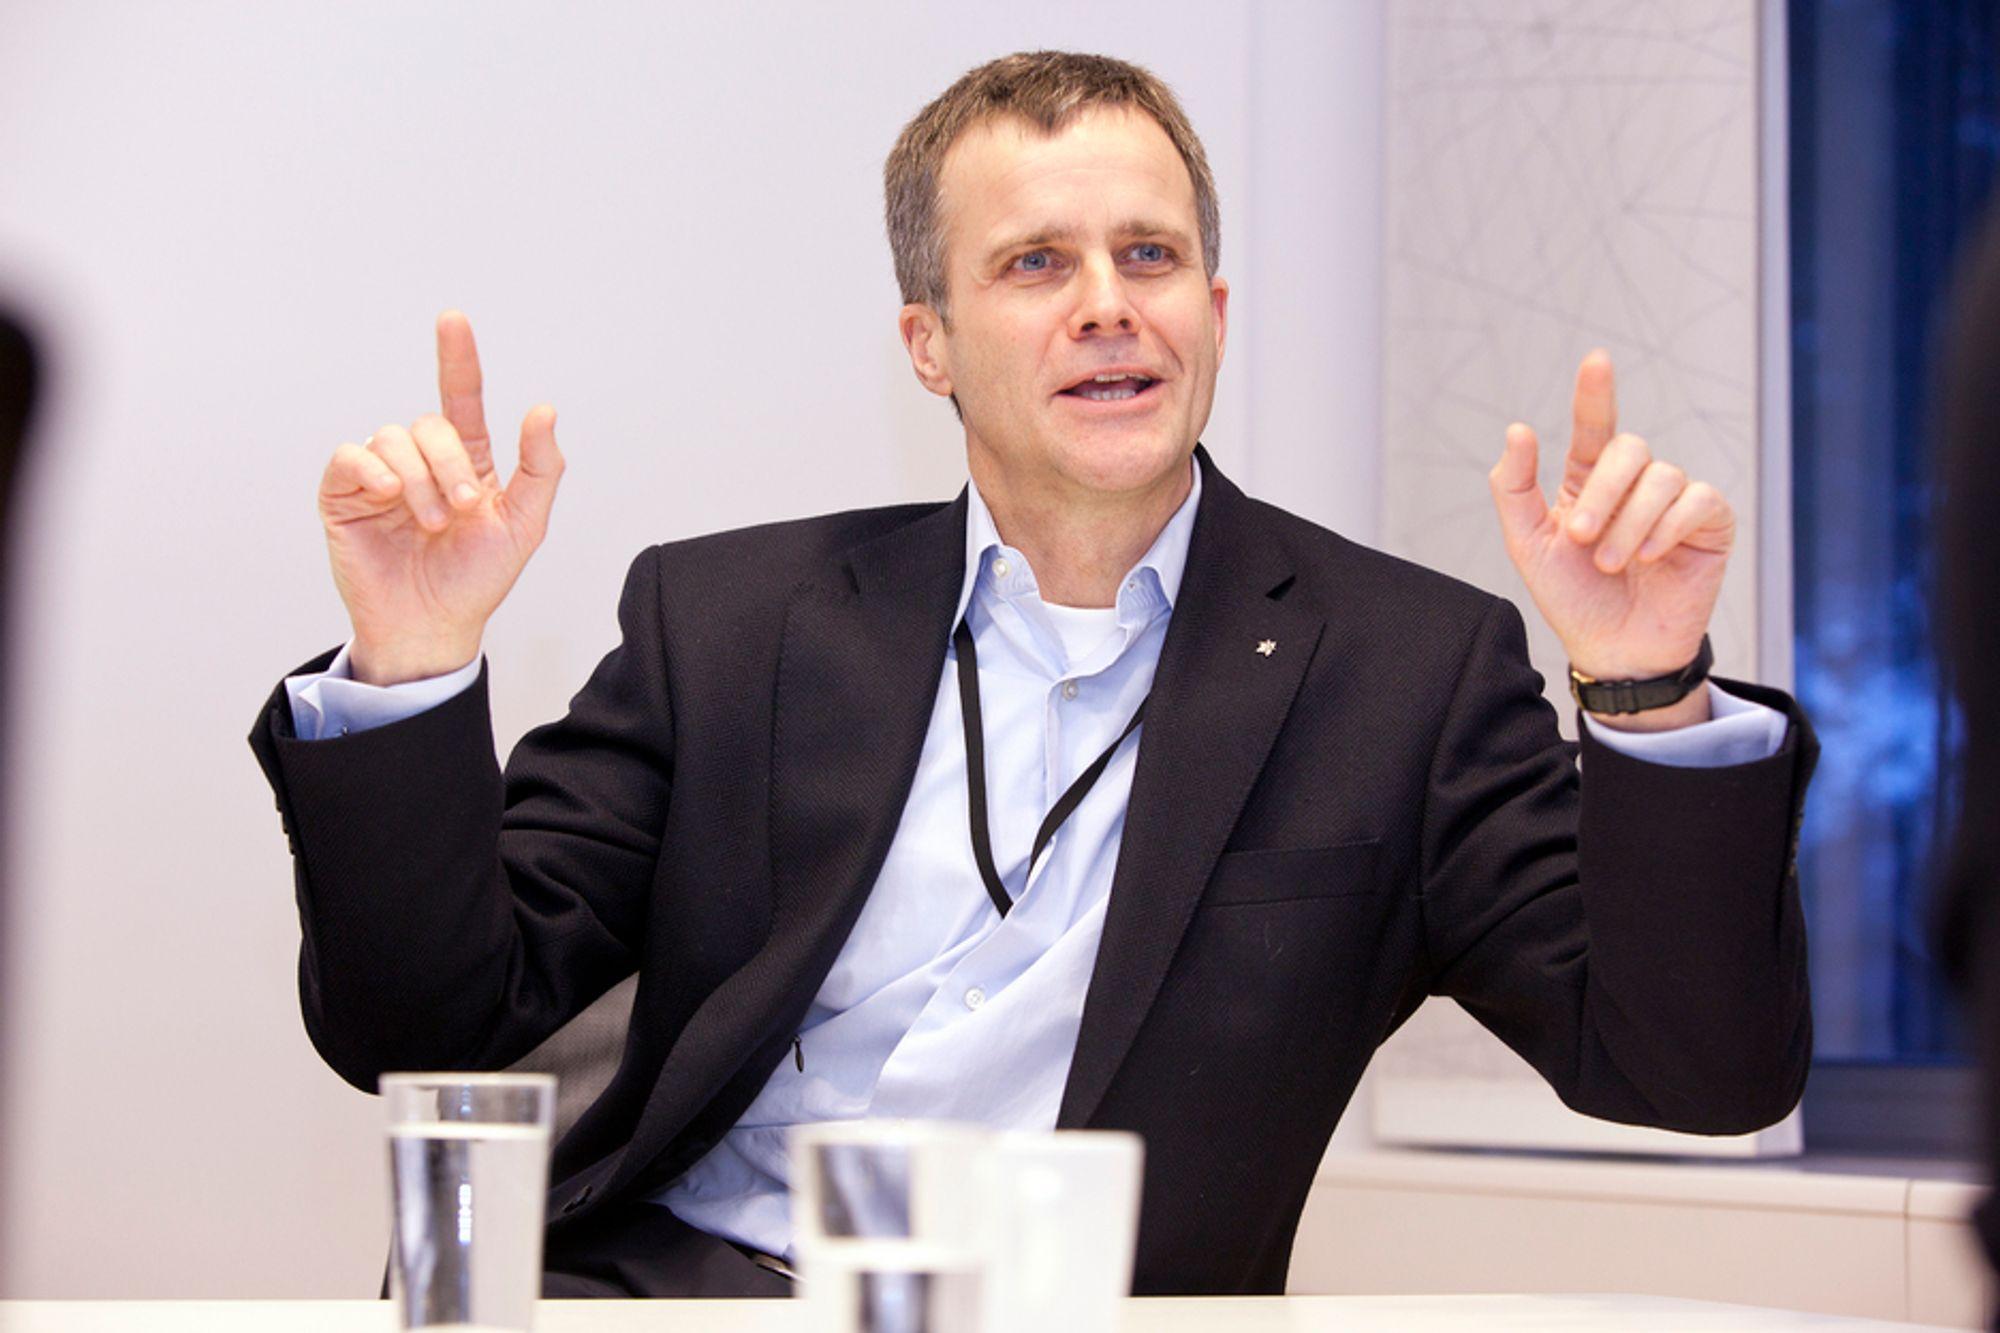 PÅ TOPP: Helge Lund leder verdens mest ansvarlige selskap, ifølge Fortune Magazine.